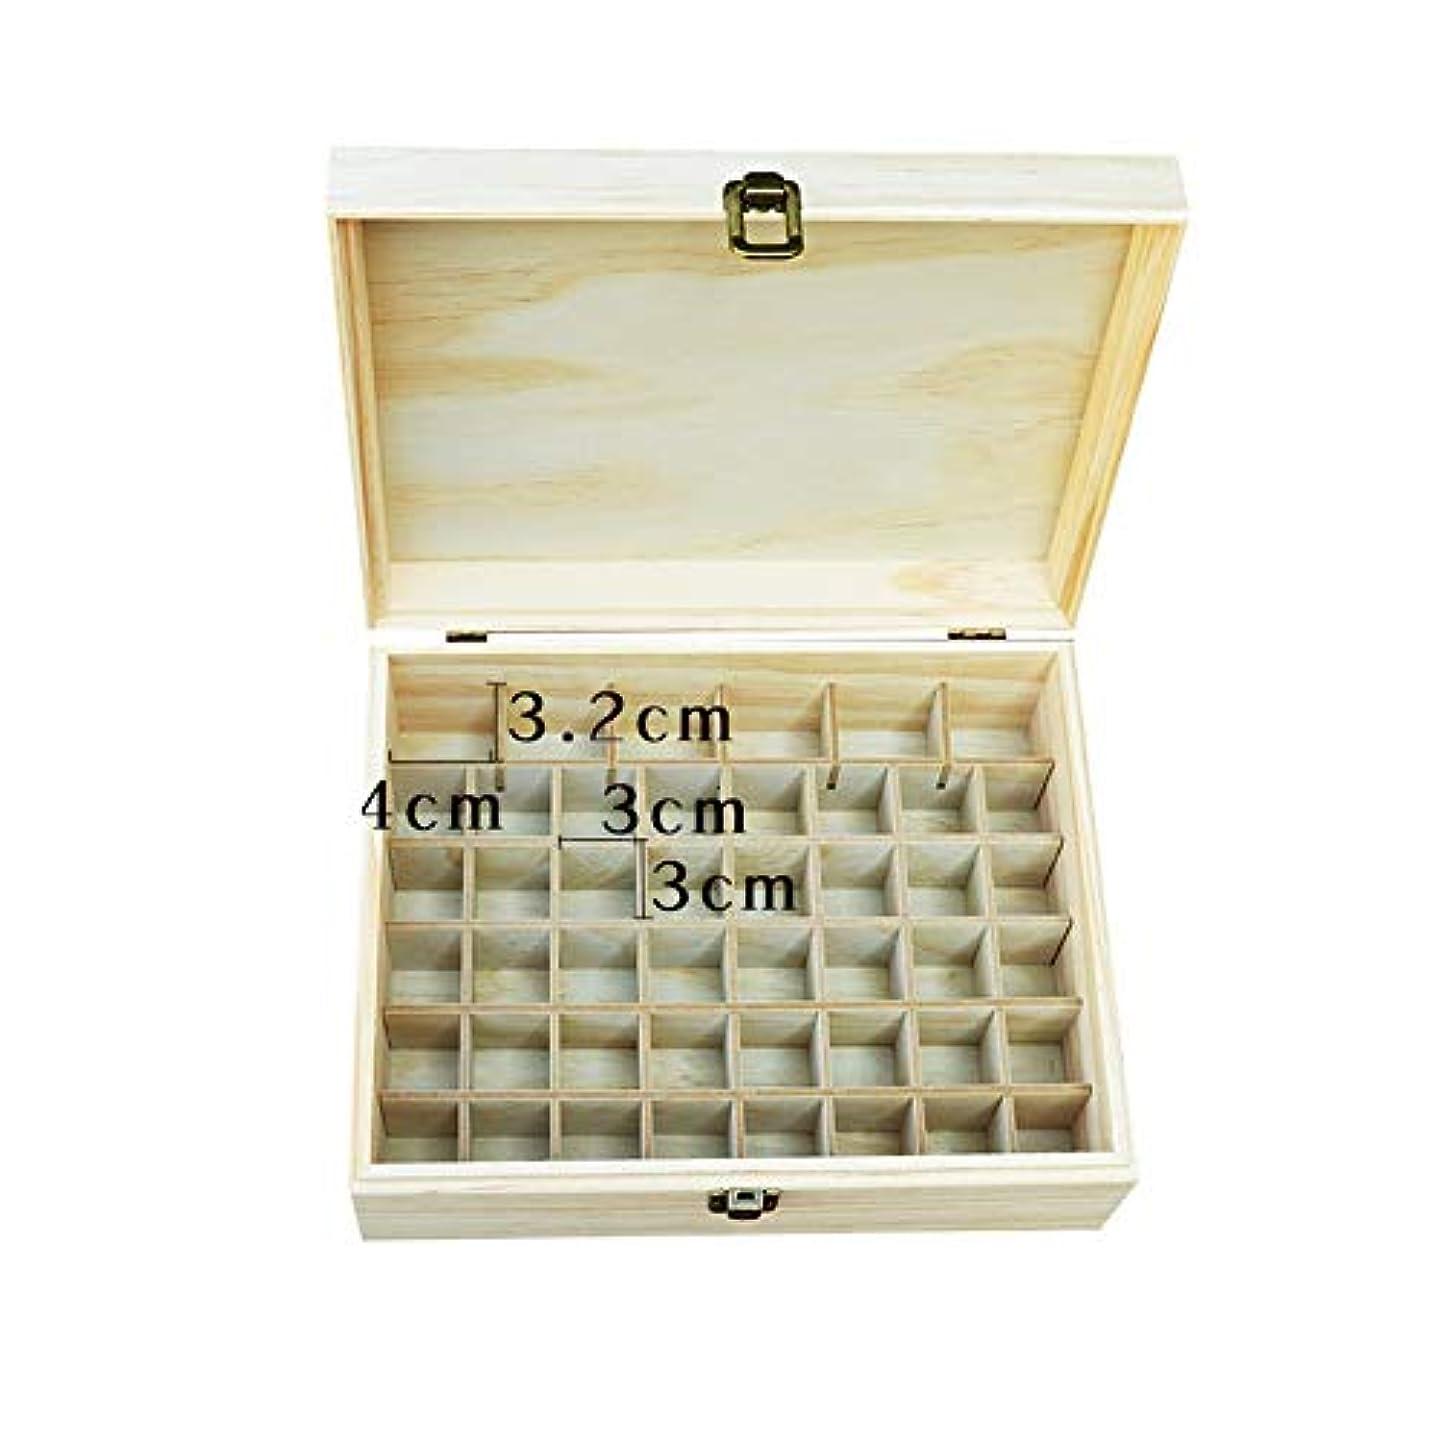 影響反発メイドエッセンシャルオイル収納ボックス 大46ボトル木製のエッセンシャルオイルストレージボックス (色 : Natural, サイズ : 22.2X10.2X8.2CM)